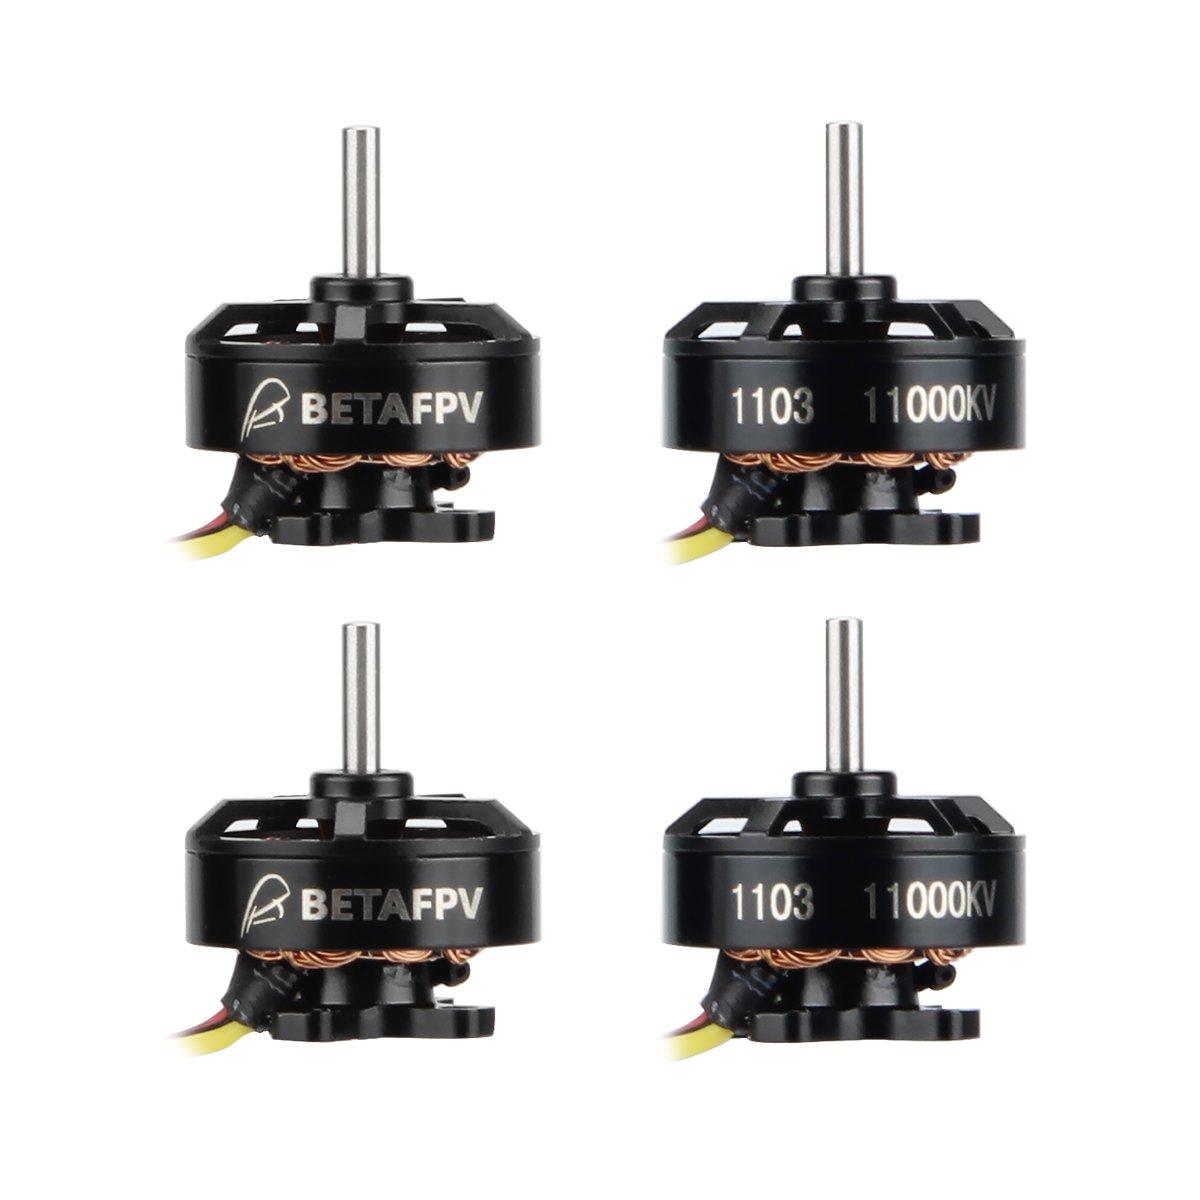 1103 11000kv Brushless Motors